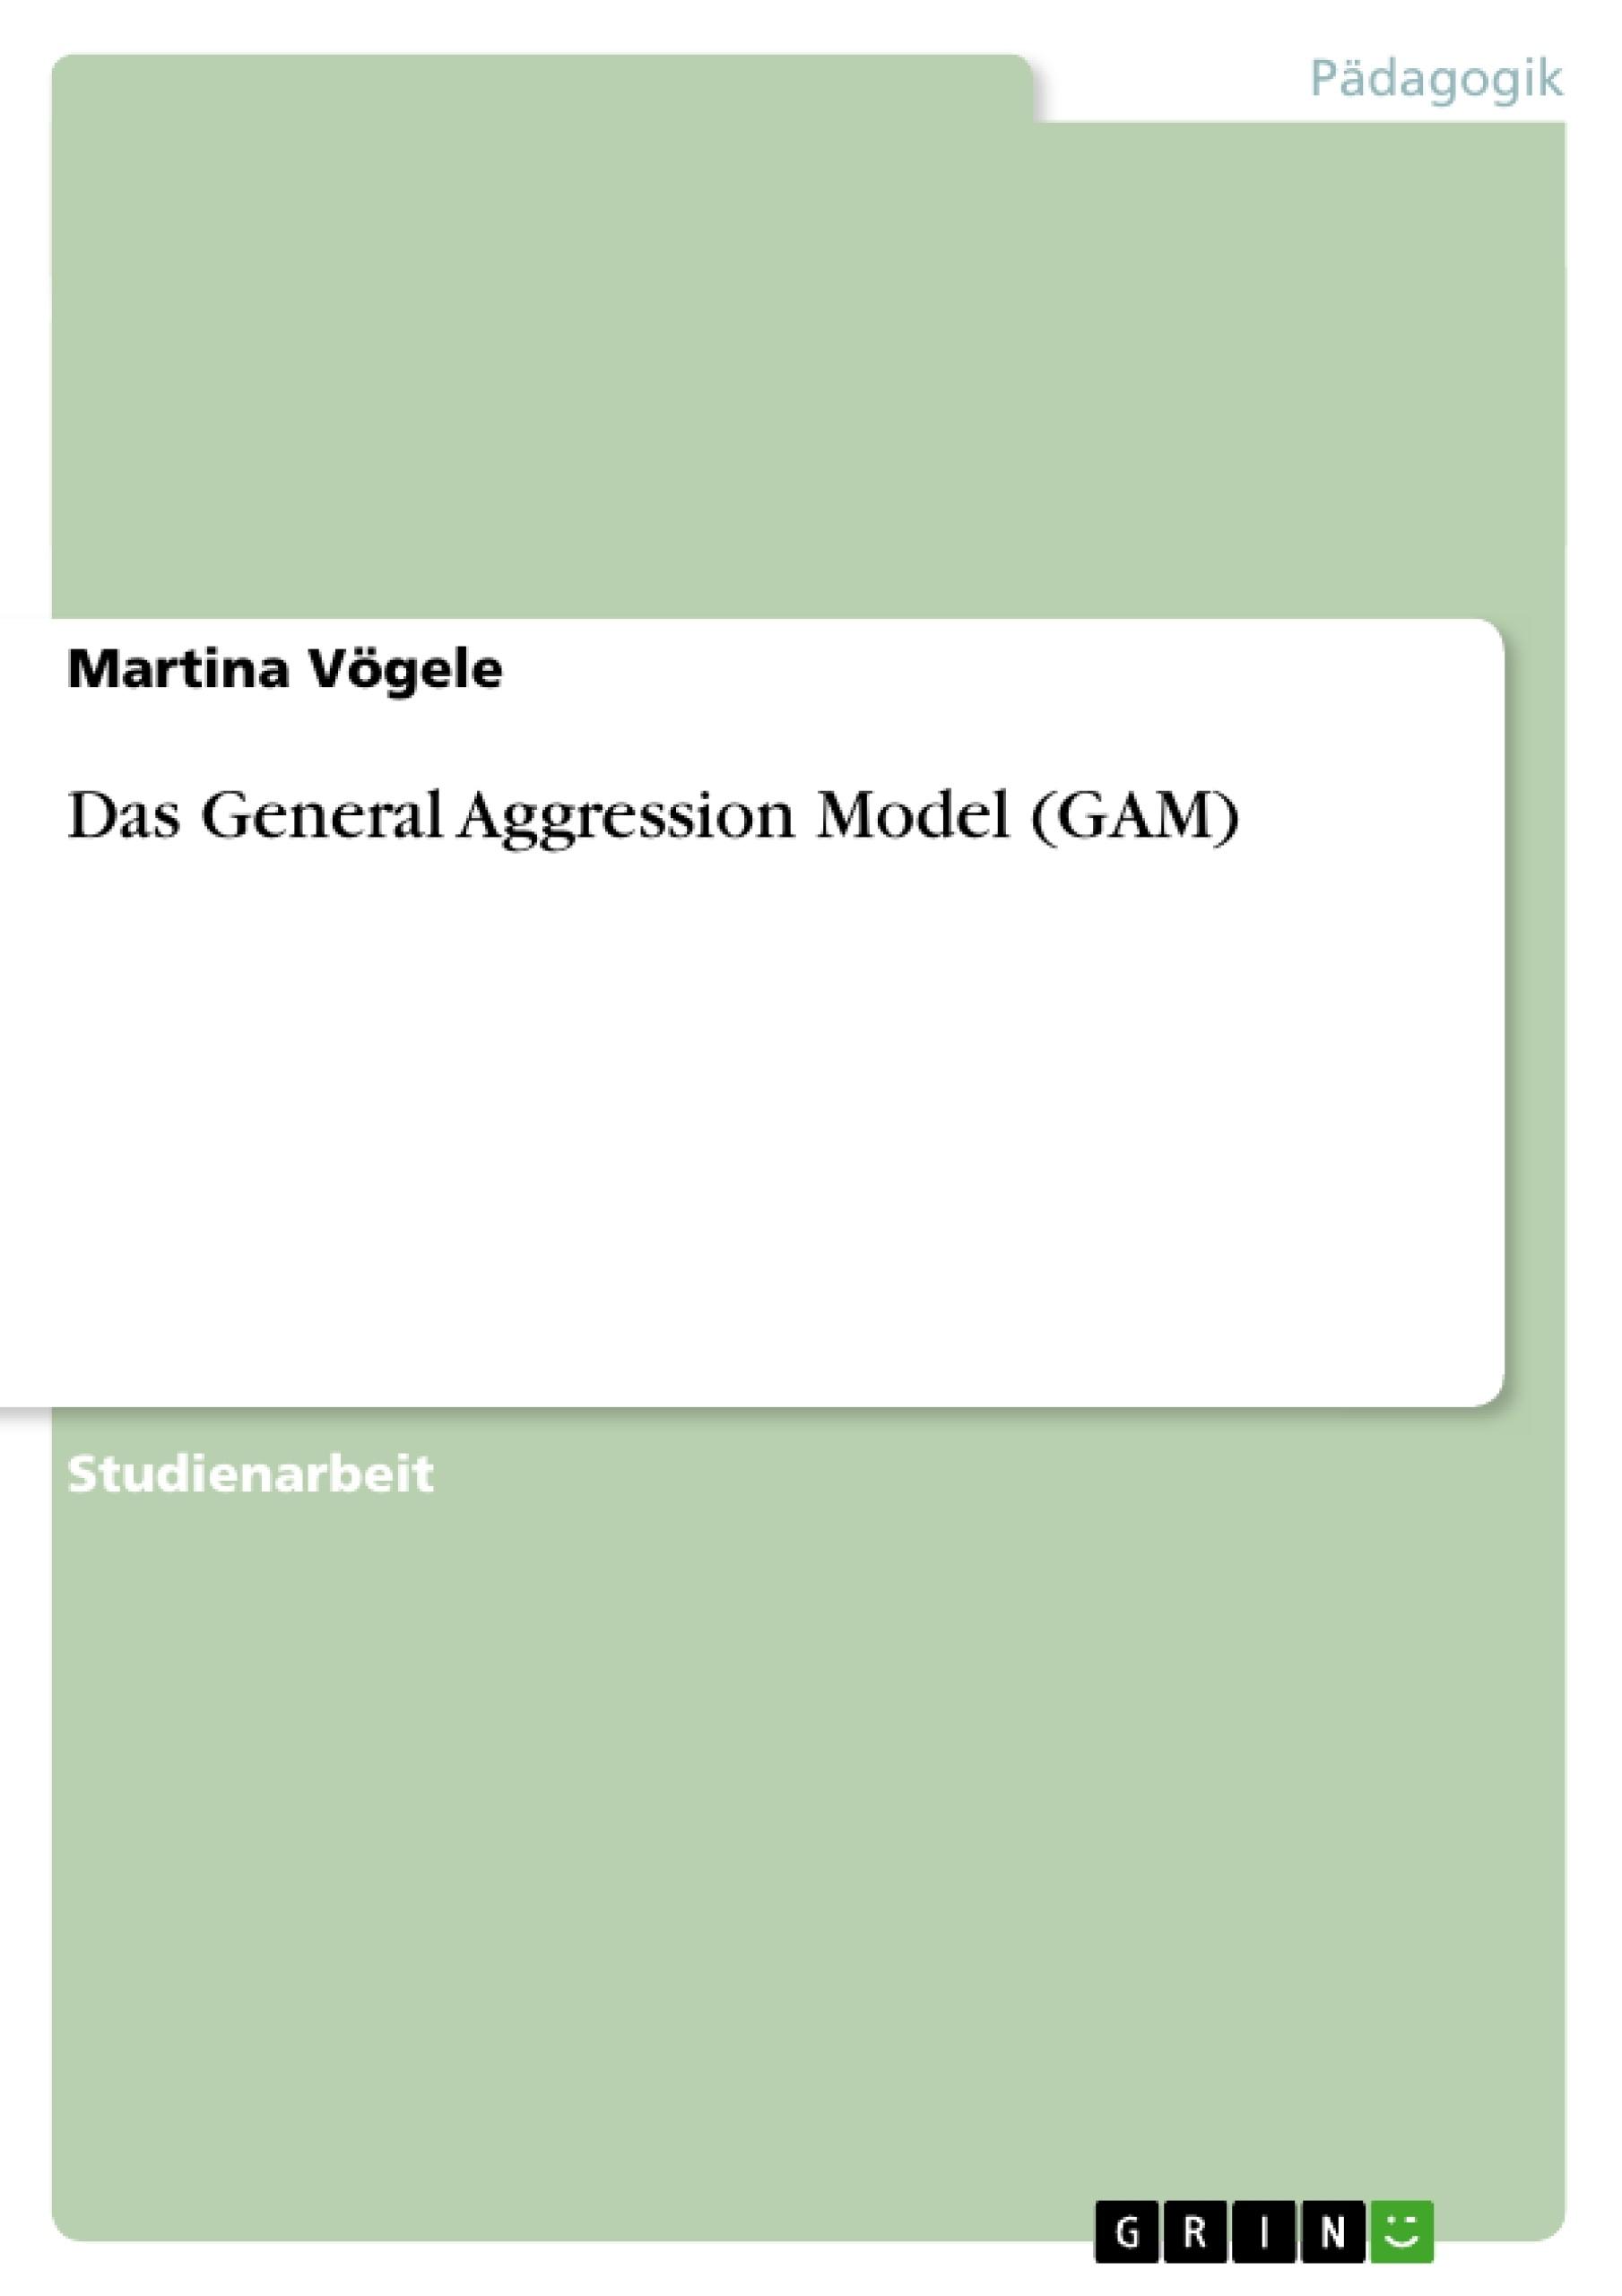 Titel: Das General Aggression Model (GAM)